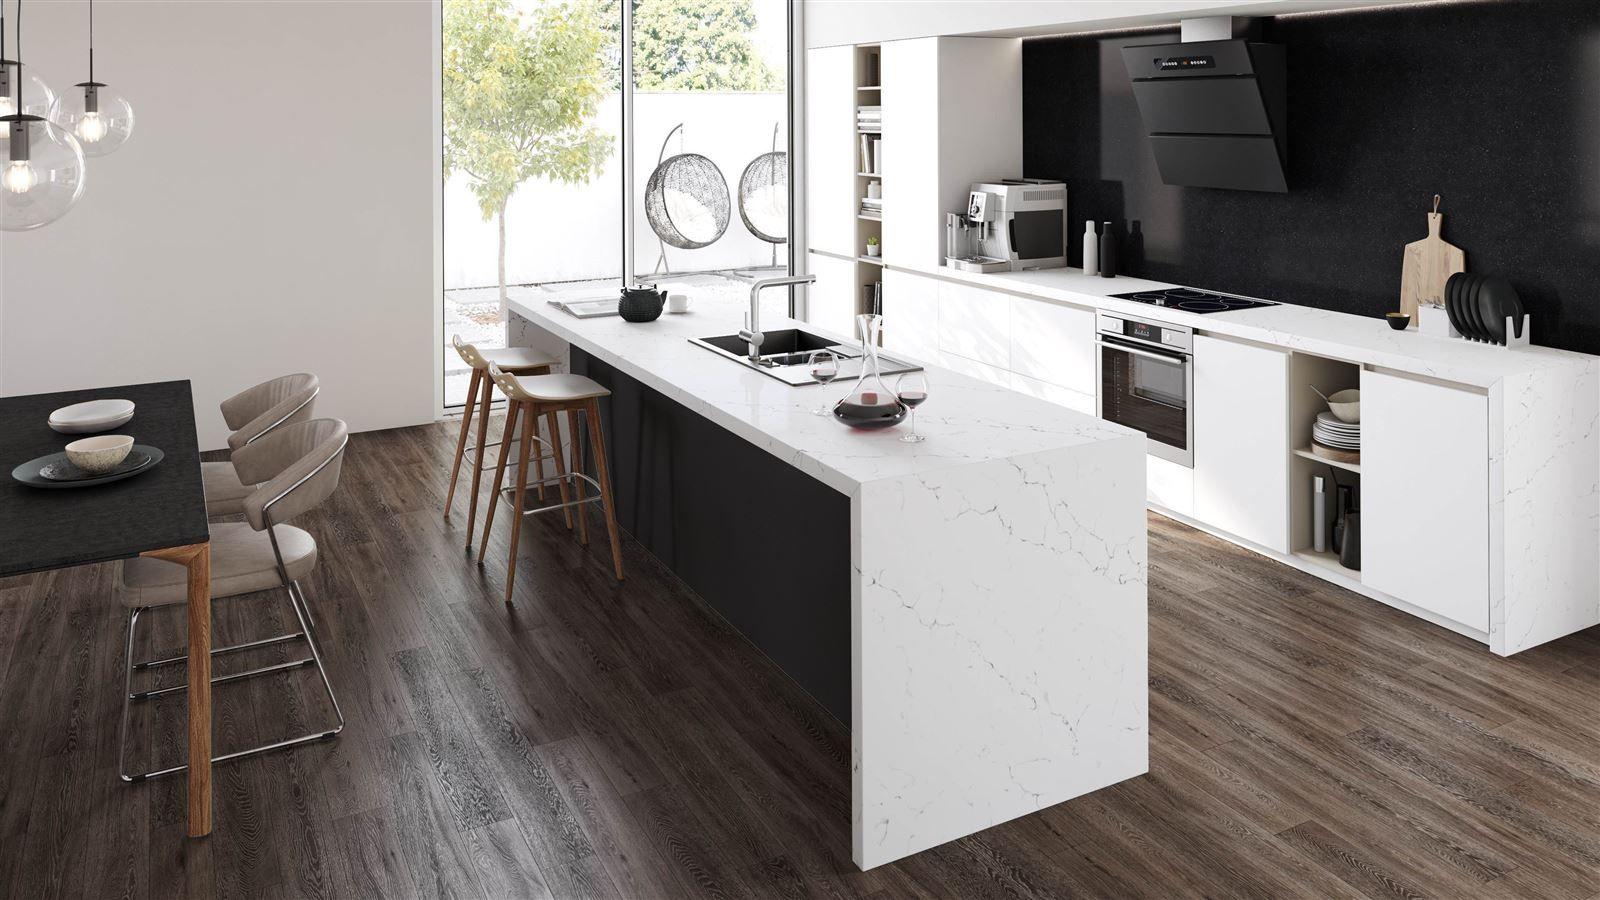 KitchensVenatino Statuario Quartz   Kitchen ideas   Pinterest   Quartz and  . Kitchen Design Visualiser. Home Design Ideas